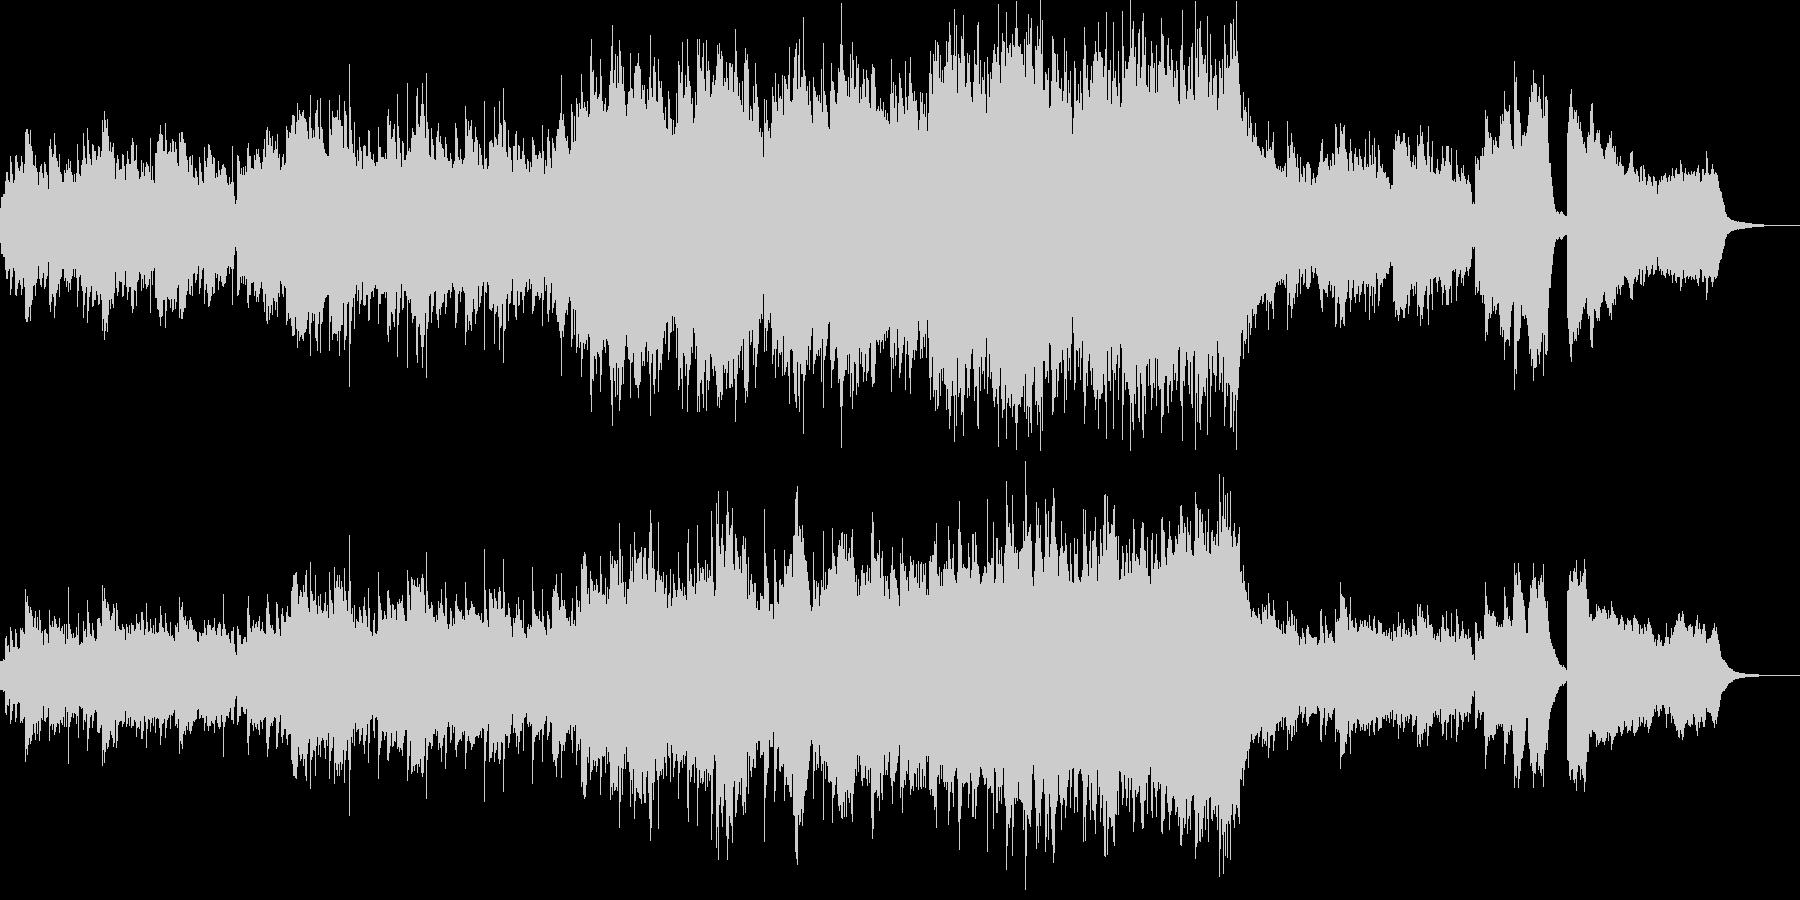 ピアノと弦楽器のわくわくするBGMの未再生の波形